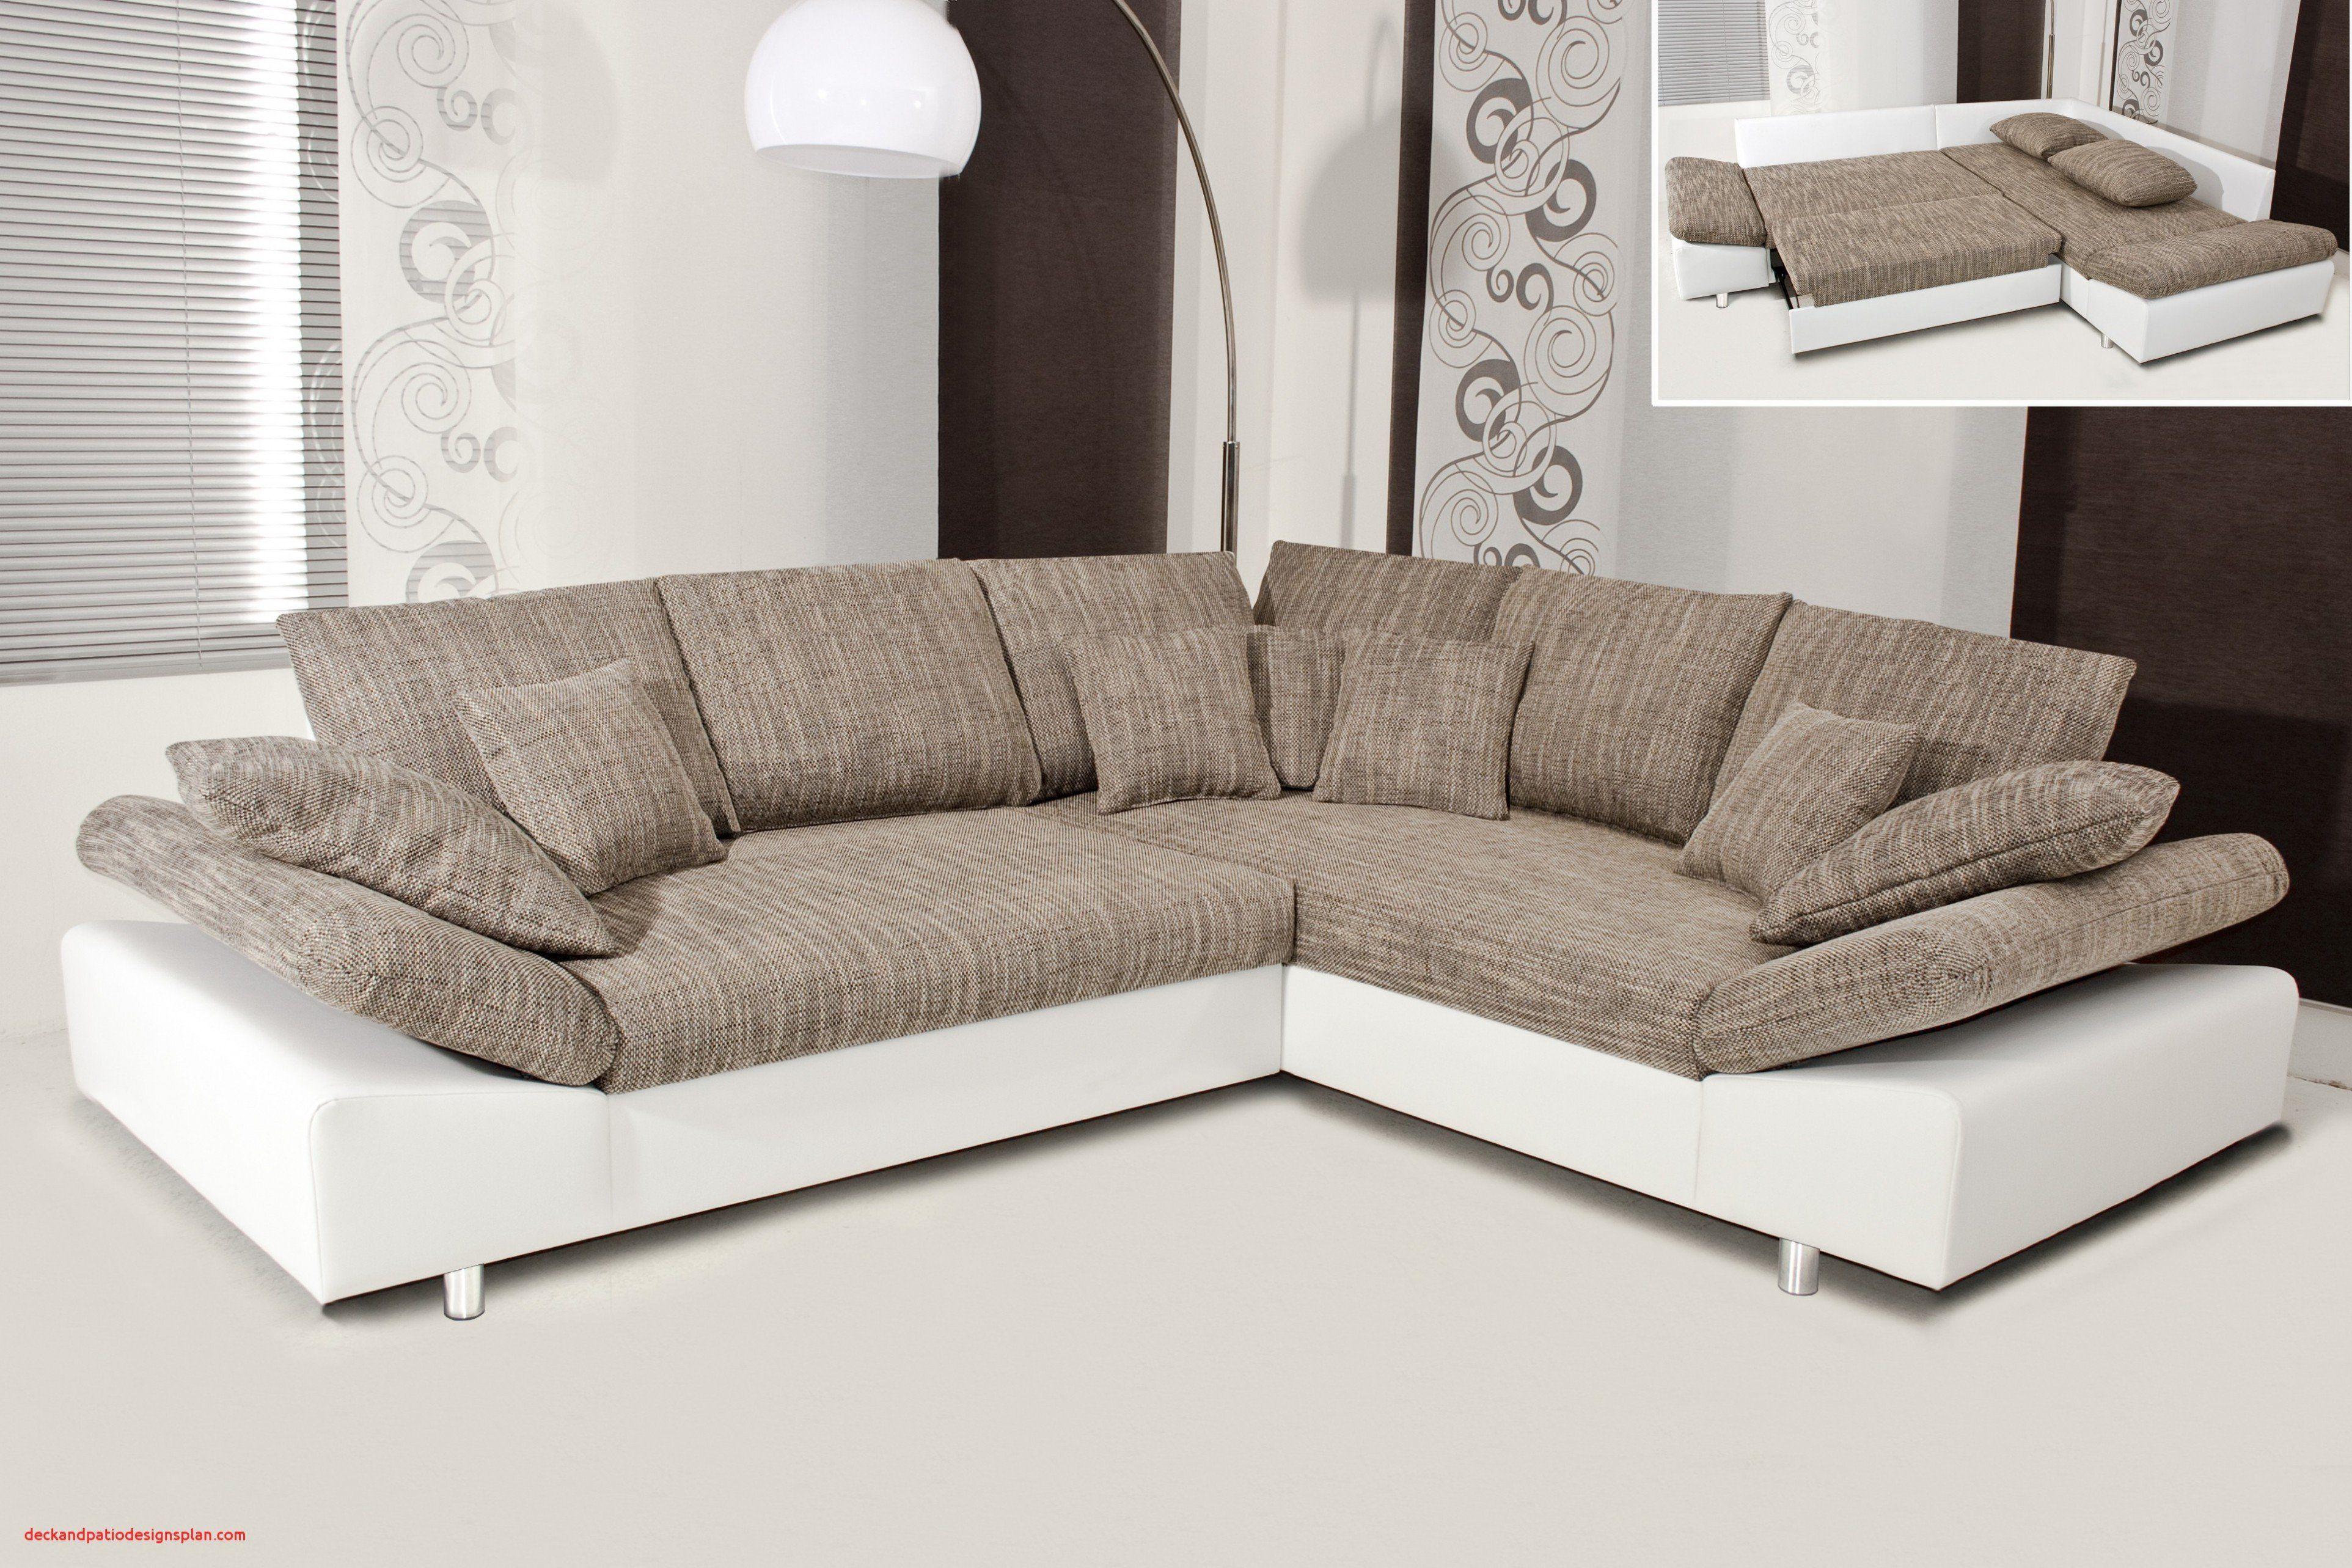 16 Anstandig Wohnlandschaft U Form Xxl Home Modern Couch Home Decor